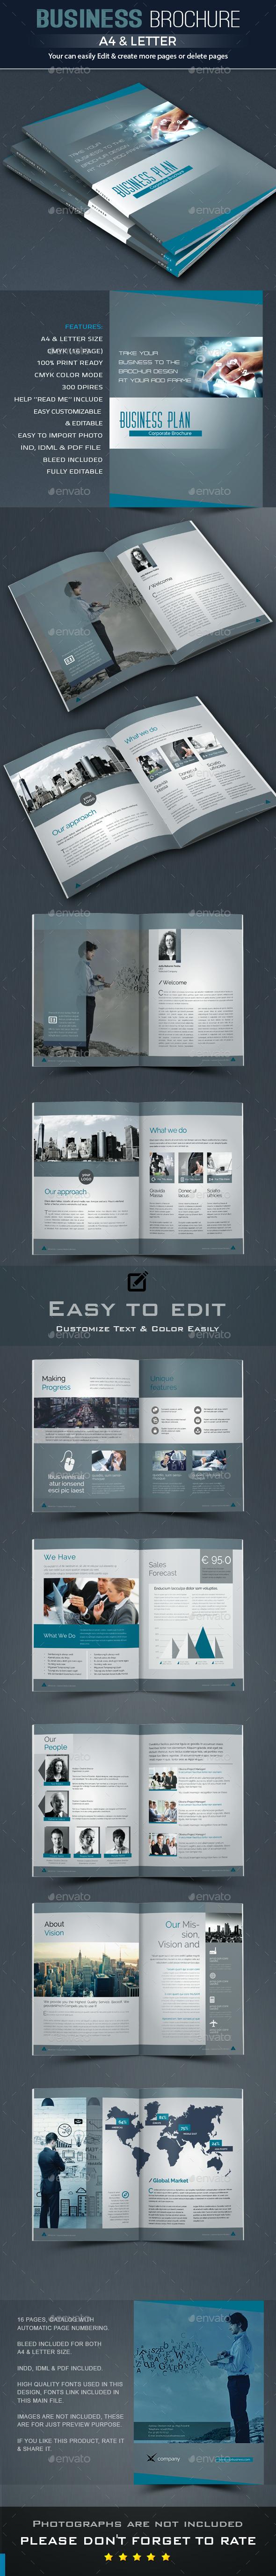 Business Plan Brochure Template InDesign INDD | DESIGN INSPIRATION ...